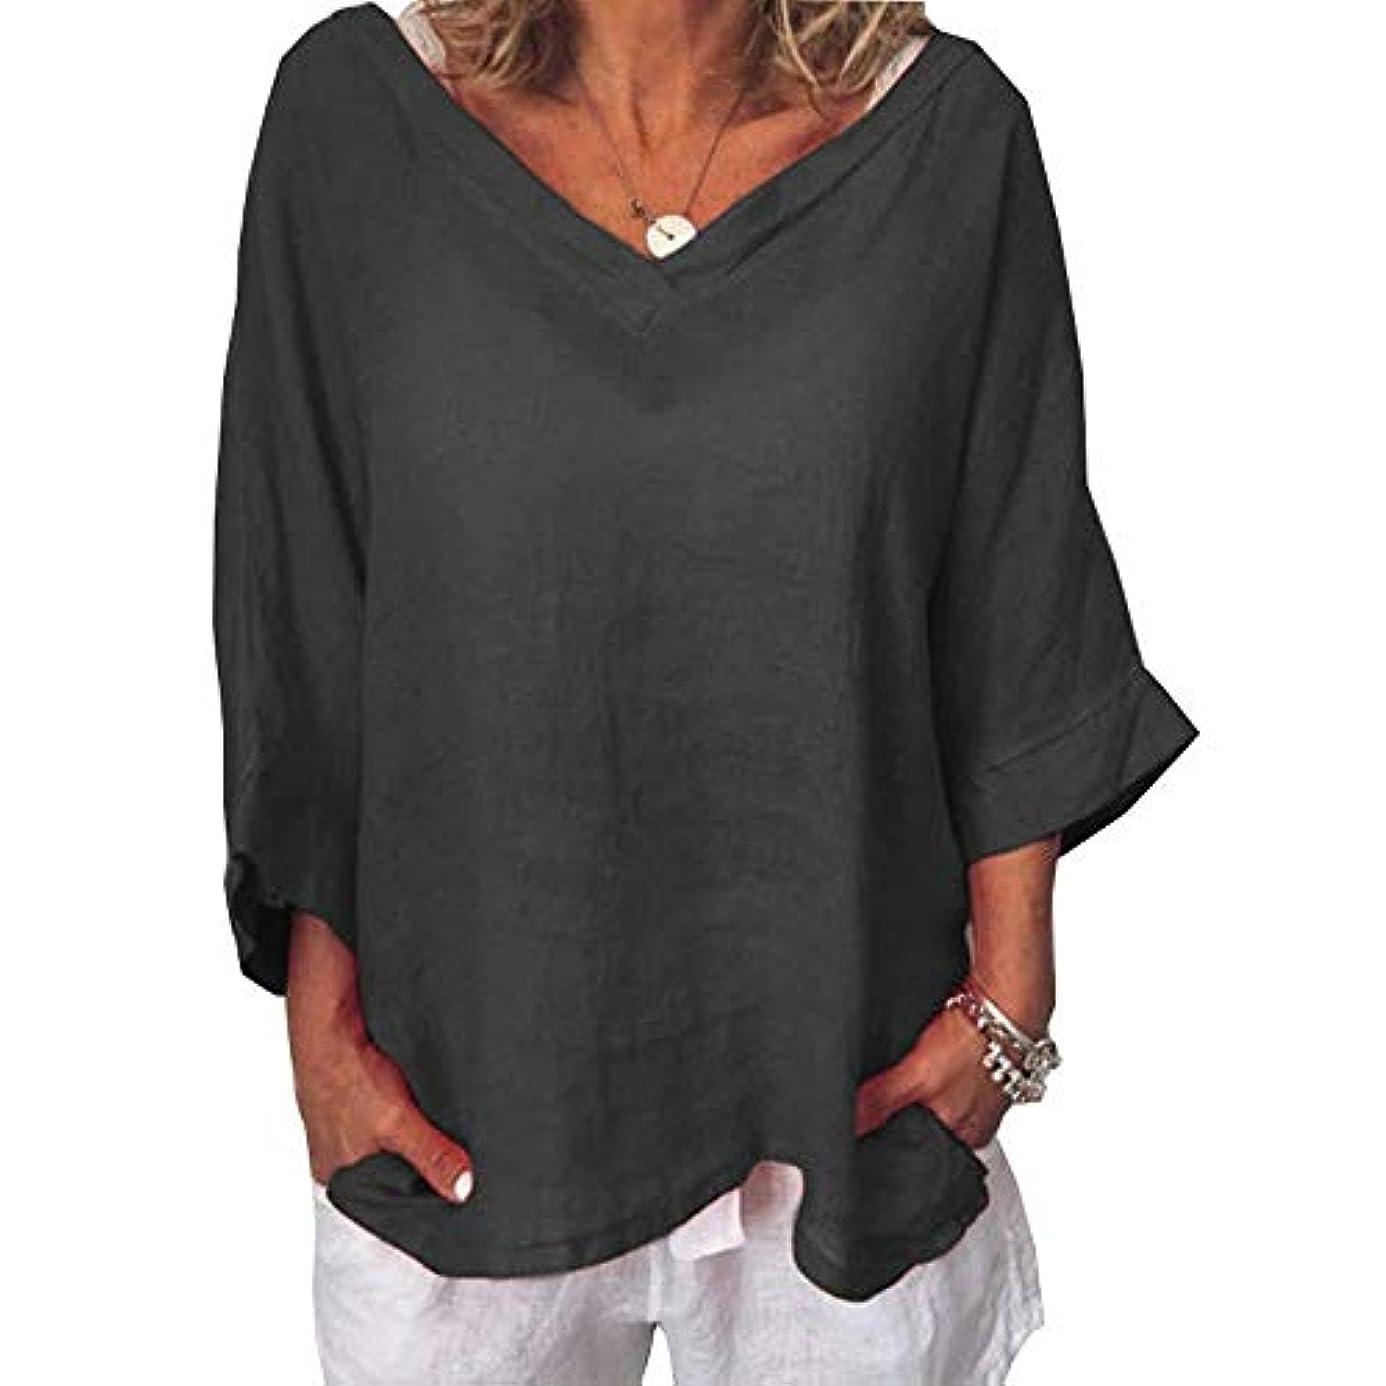 なだめるランタン送ったMIFAN女性ファッションカジュアルVネックトップス無地長袖Tシャツルーズボヘミアンビーチウェア